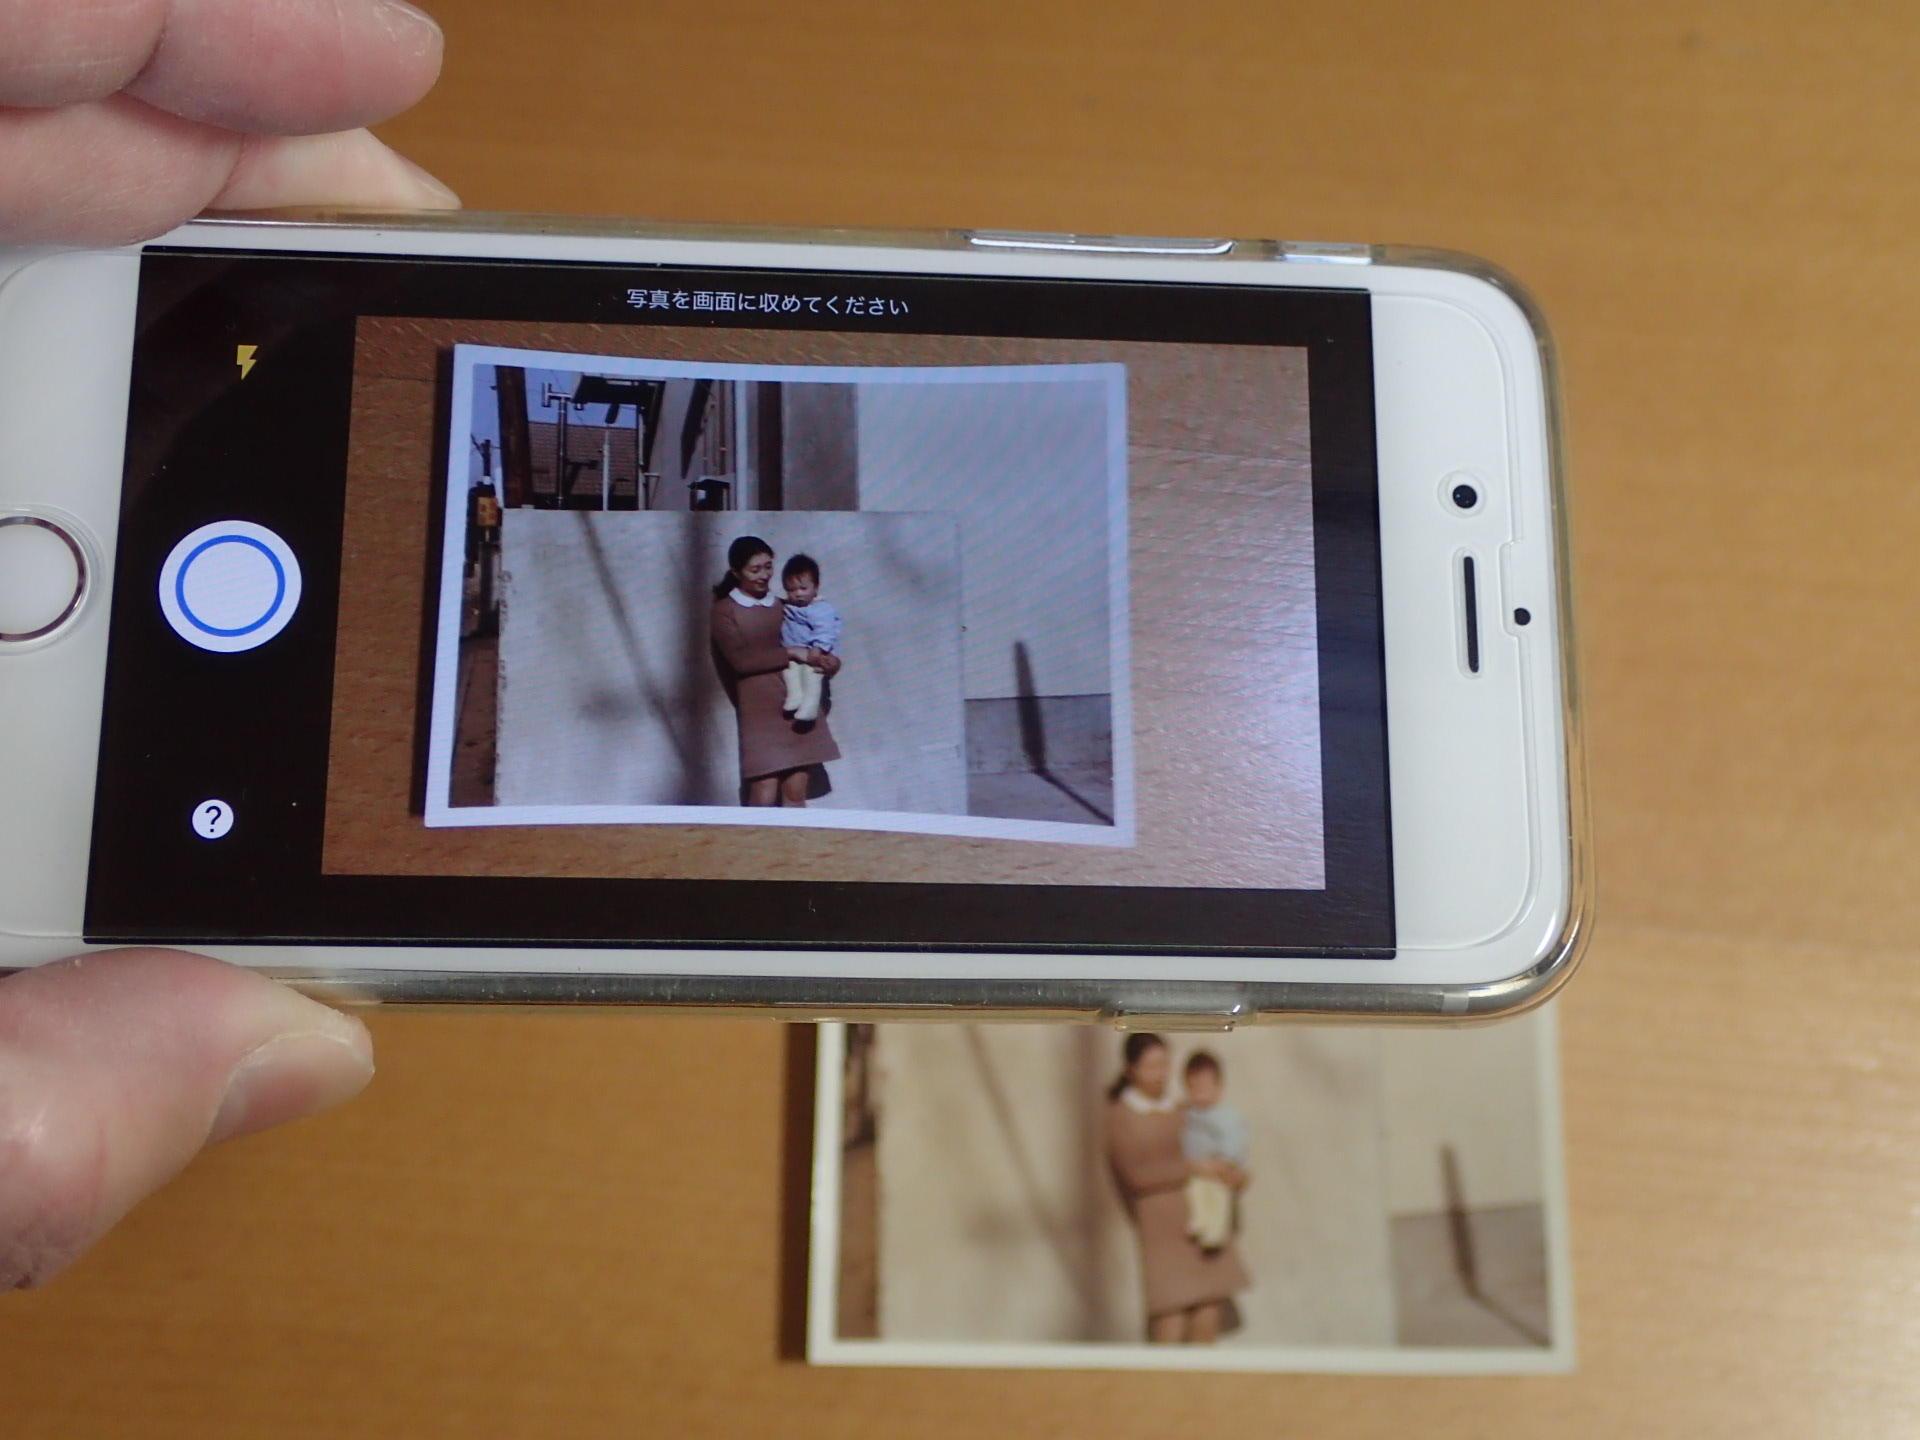 プリント写真をスマホで手軽にデジタル化する方法